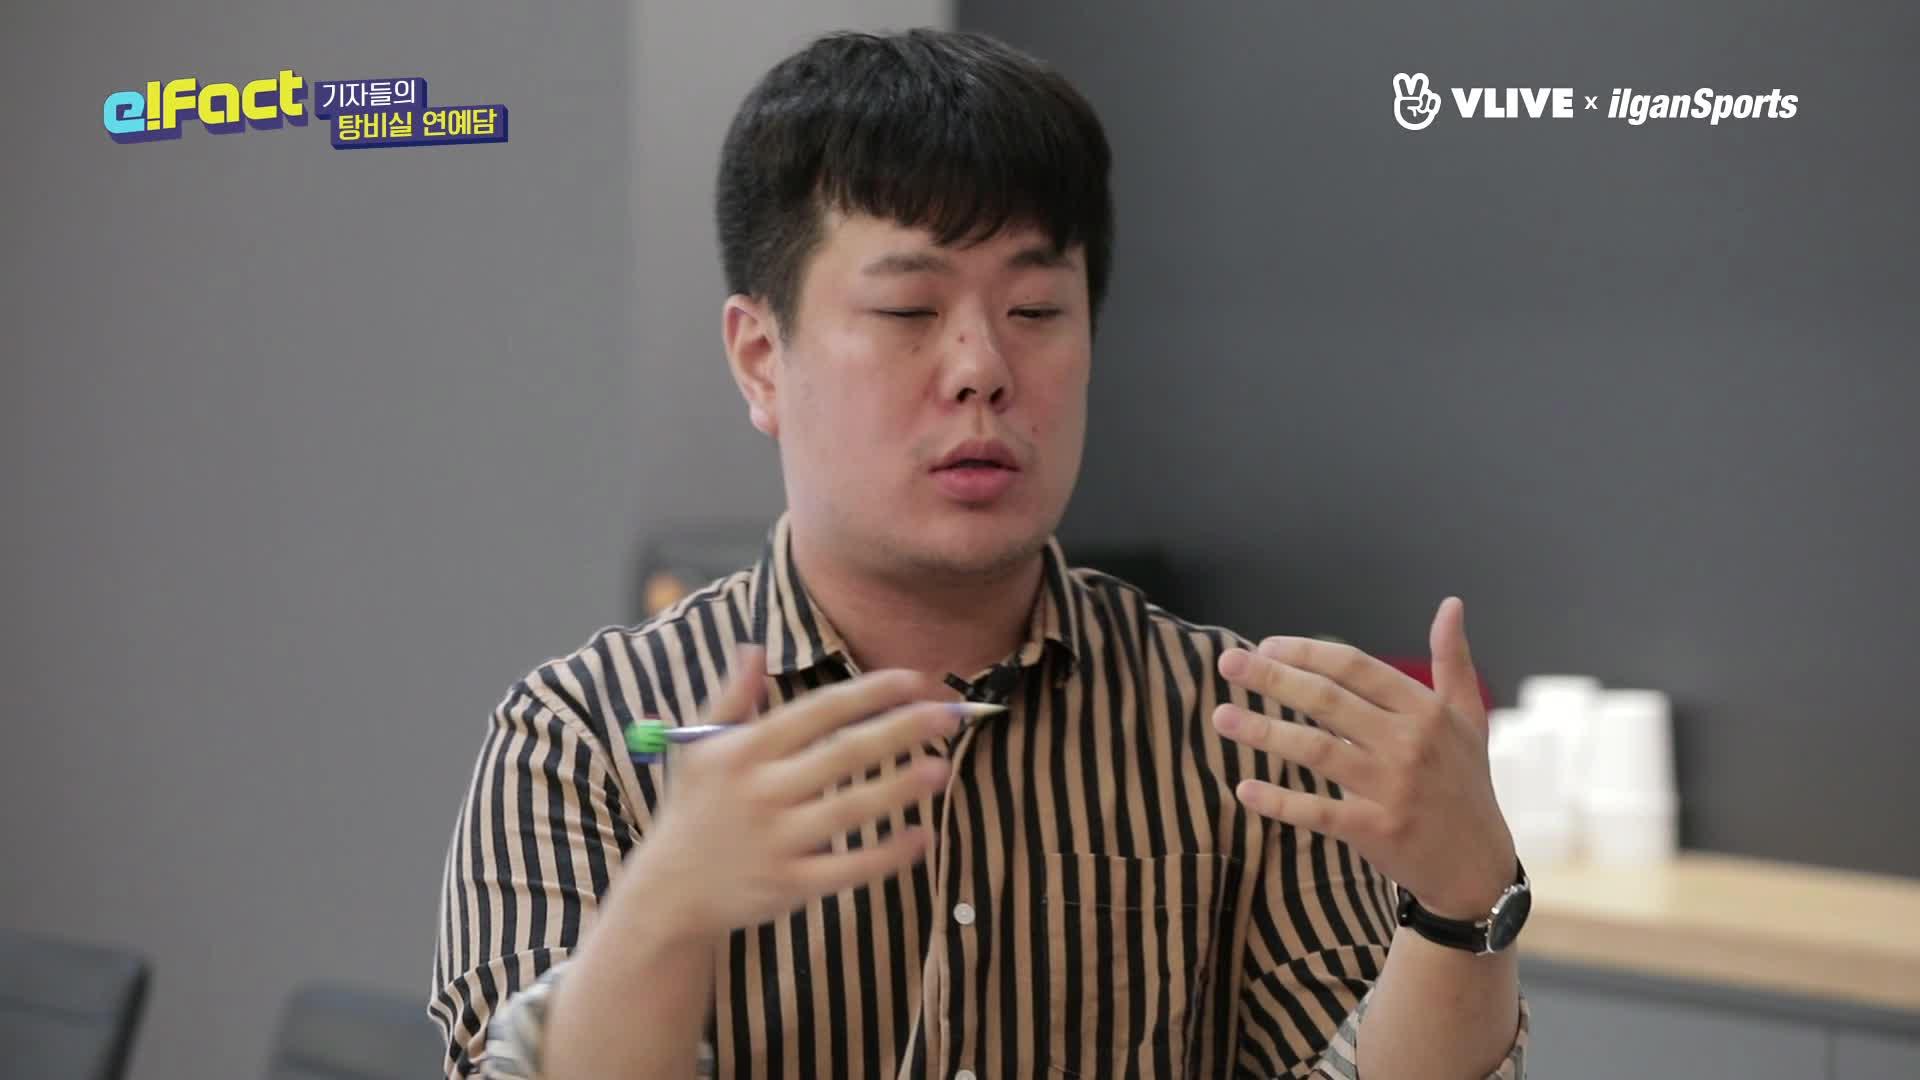 [e!Fact_탕비실 연예담] 사건사고가 난무하는 스타들의 공항 취재 파해치기 feat.실명토크